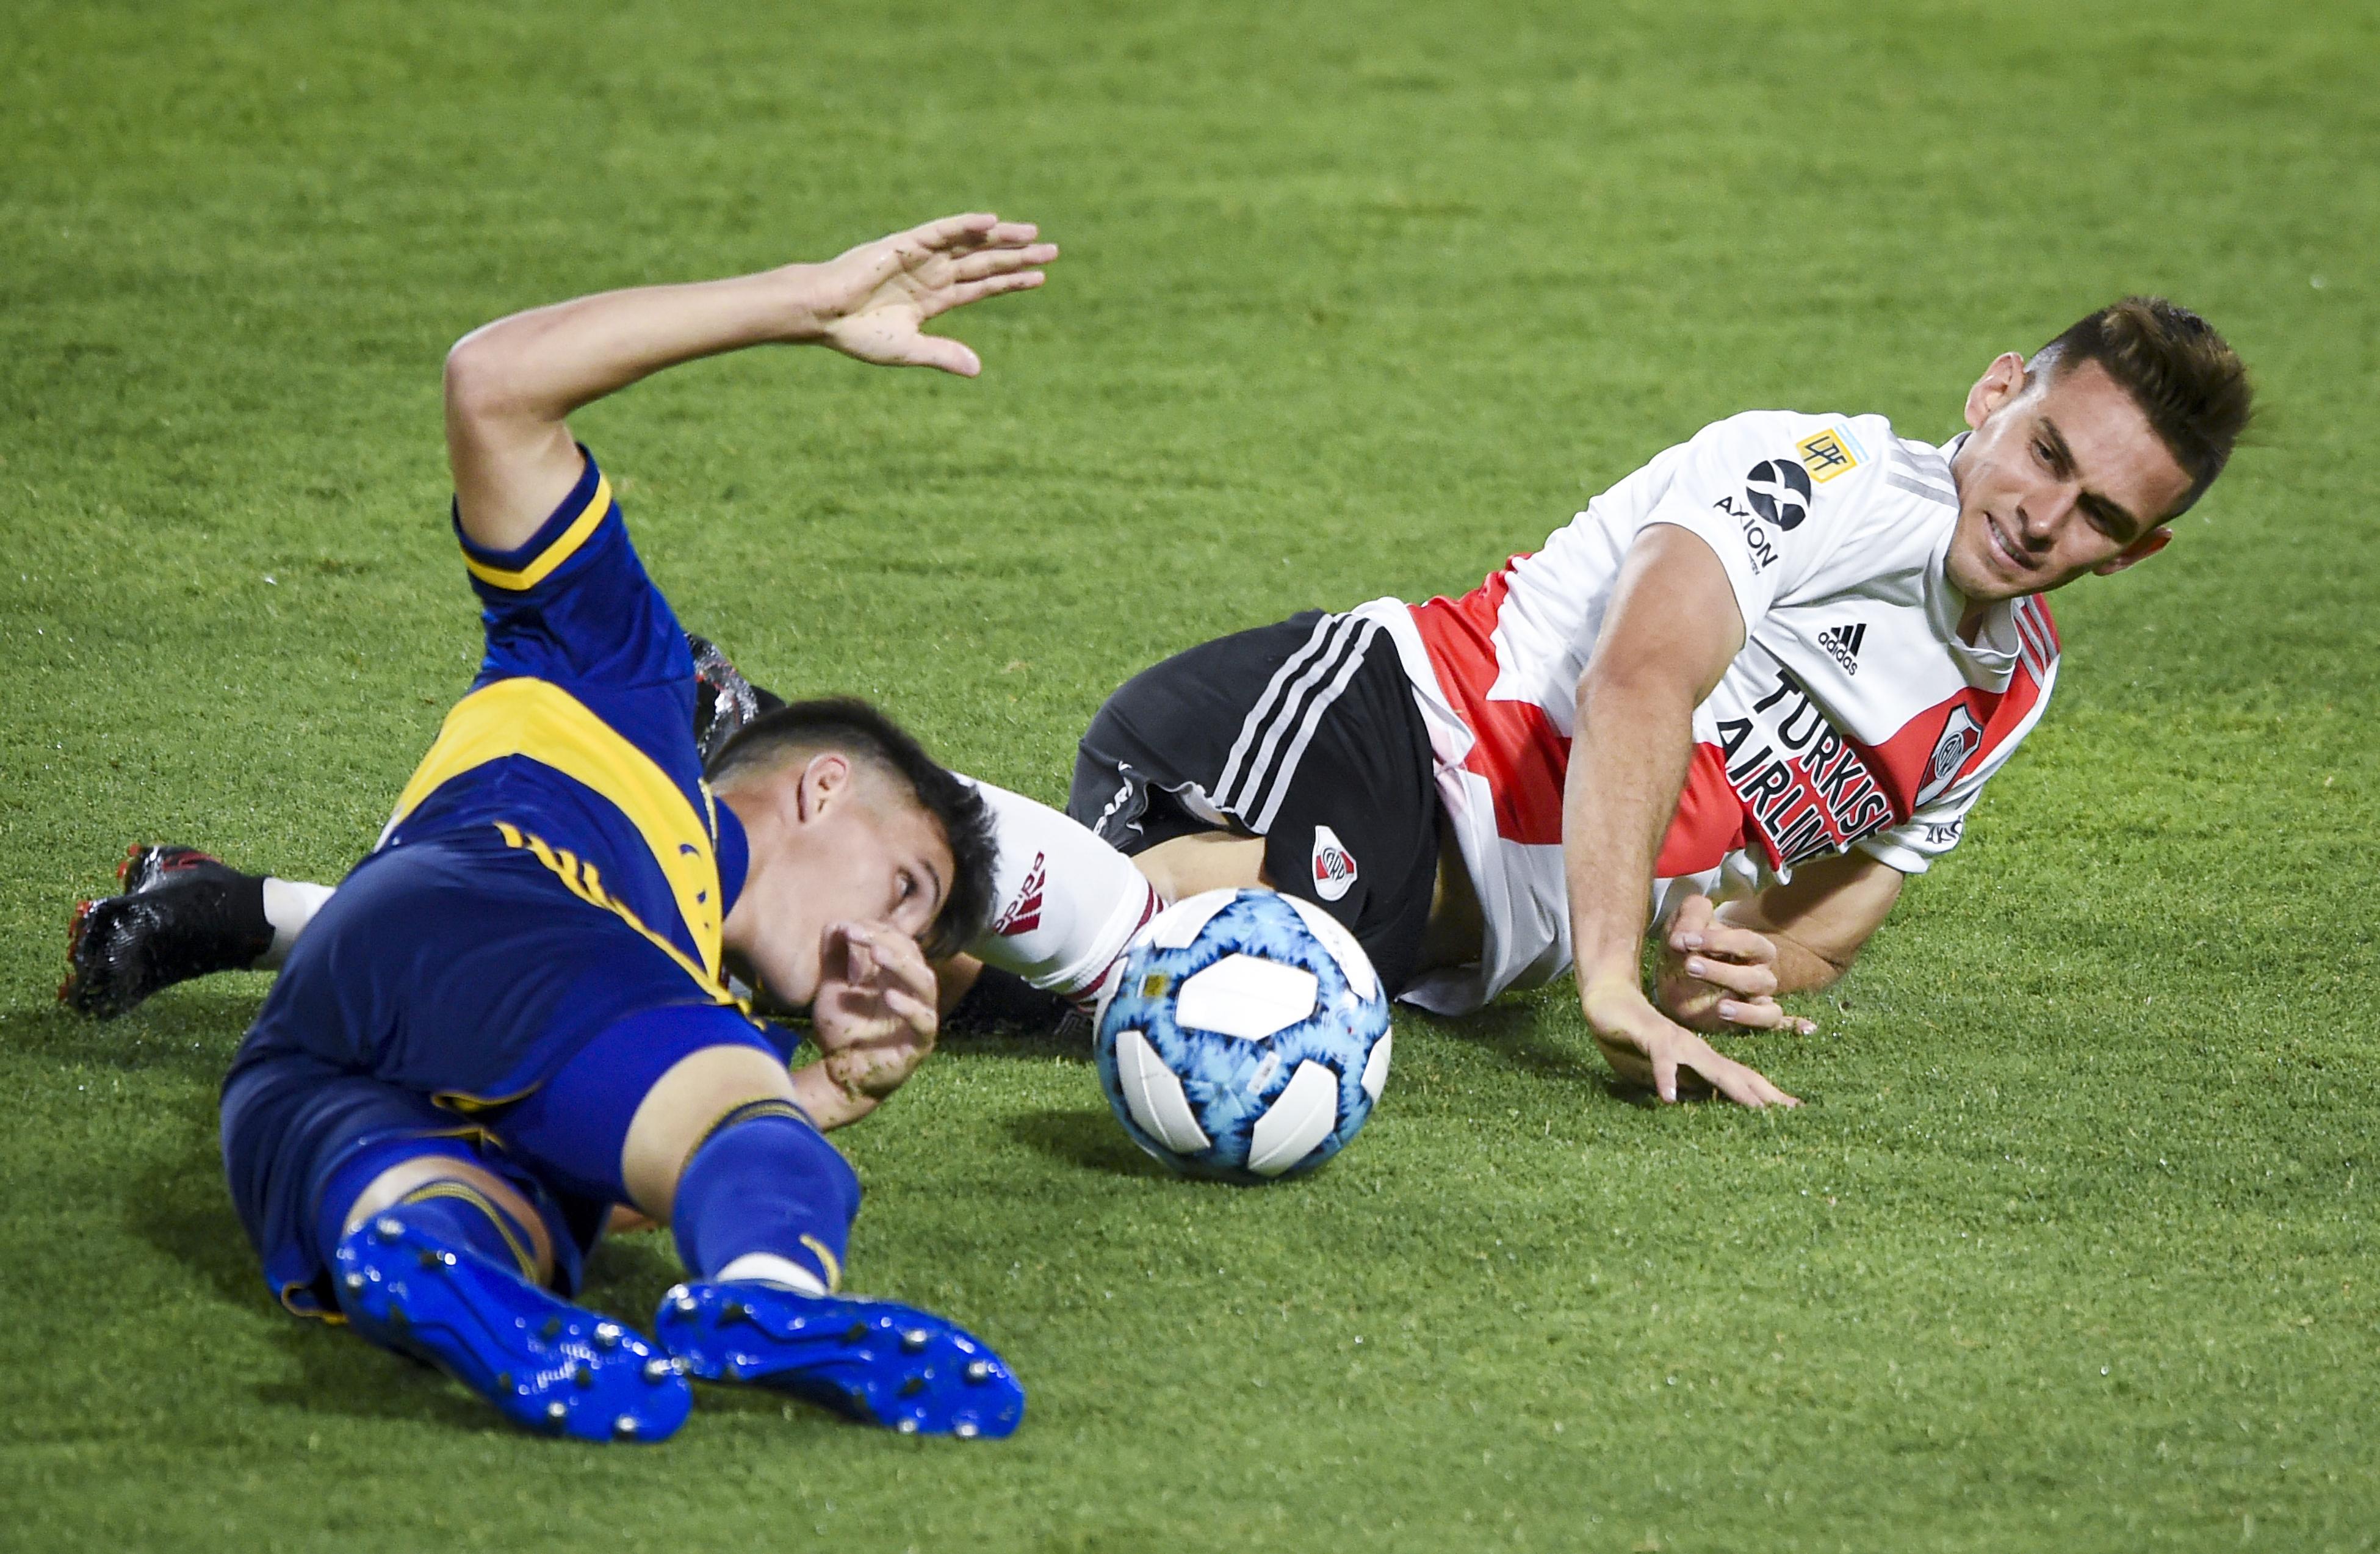 Dejaron todo: lo prueban Borré y Capaldo en el césped del estadio Alberto J. Armando (REUTERS/Marcelo Endelli)